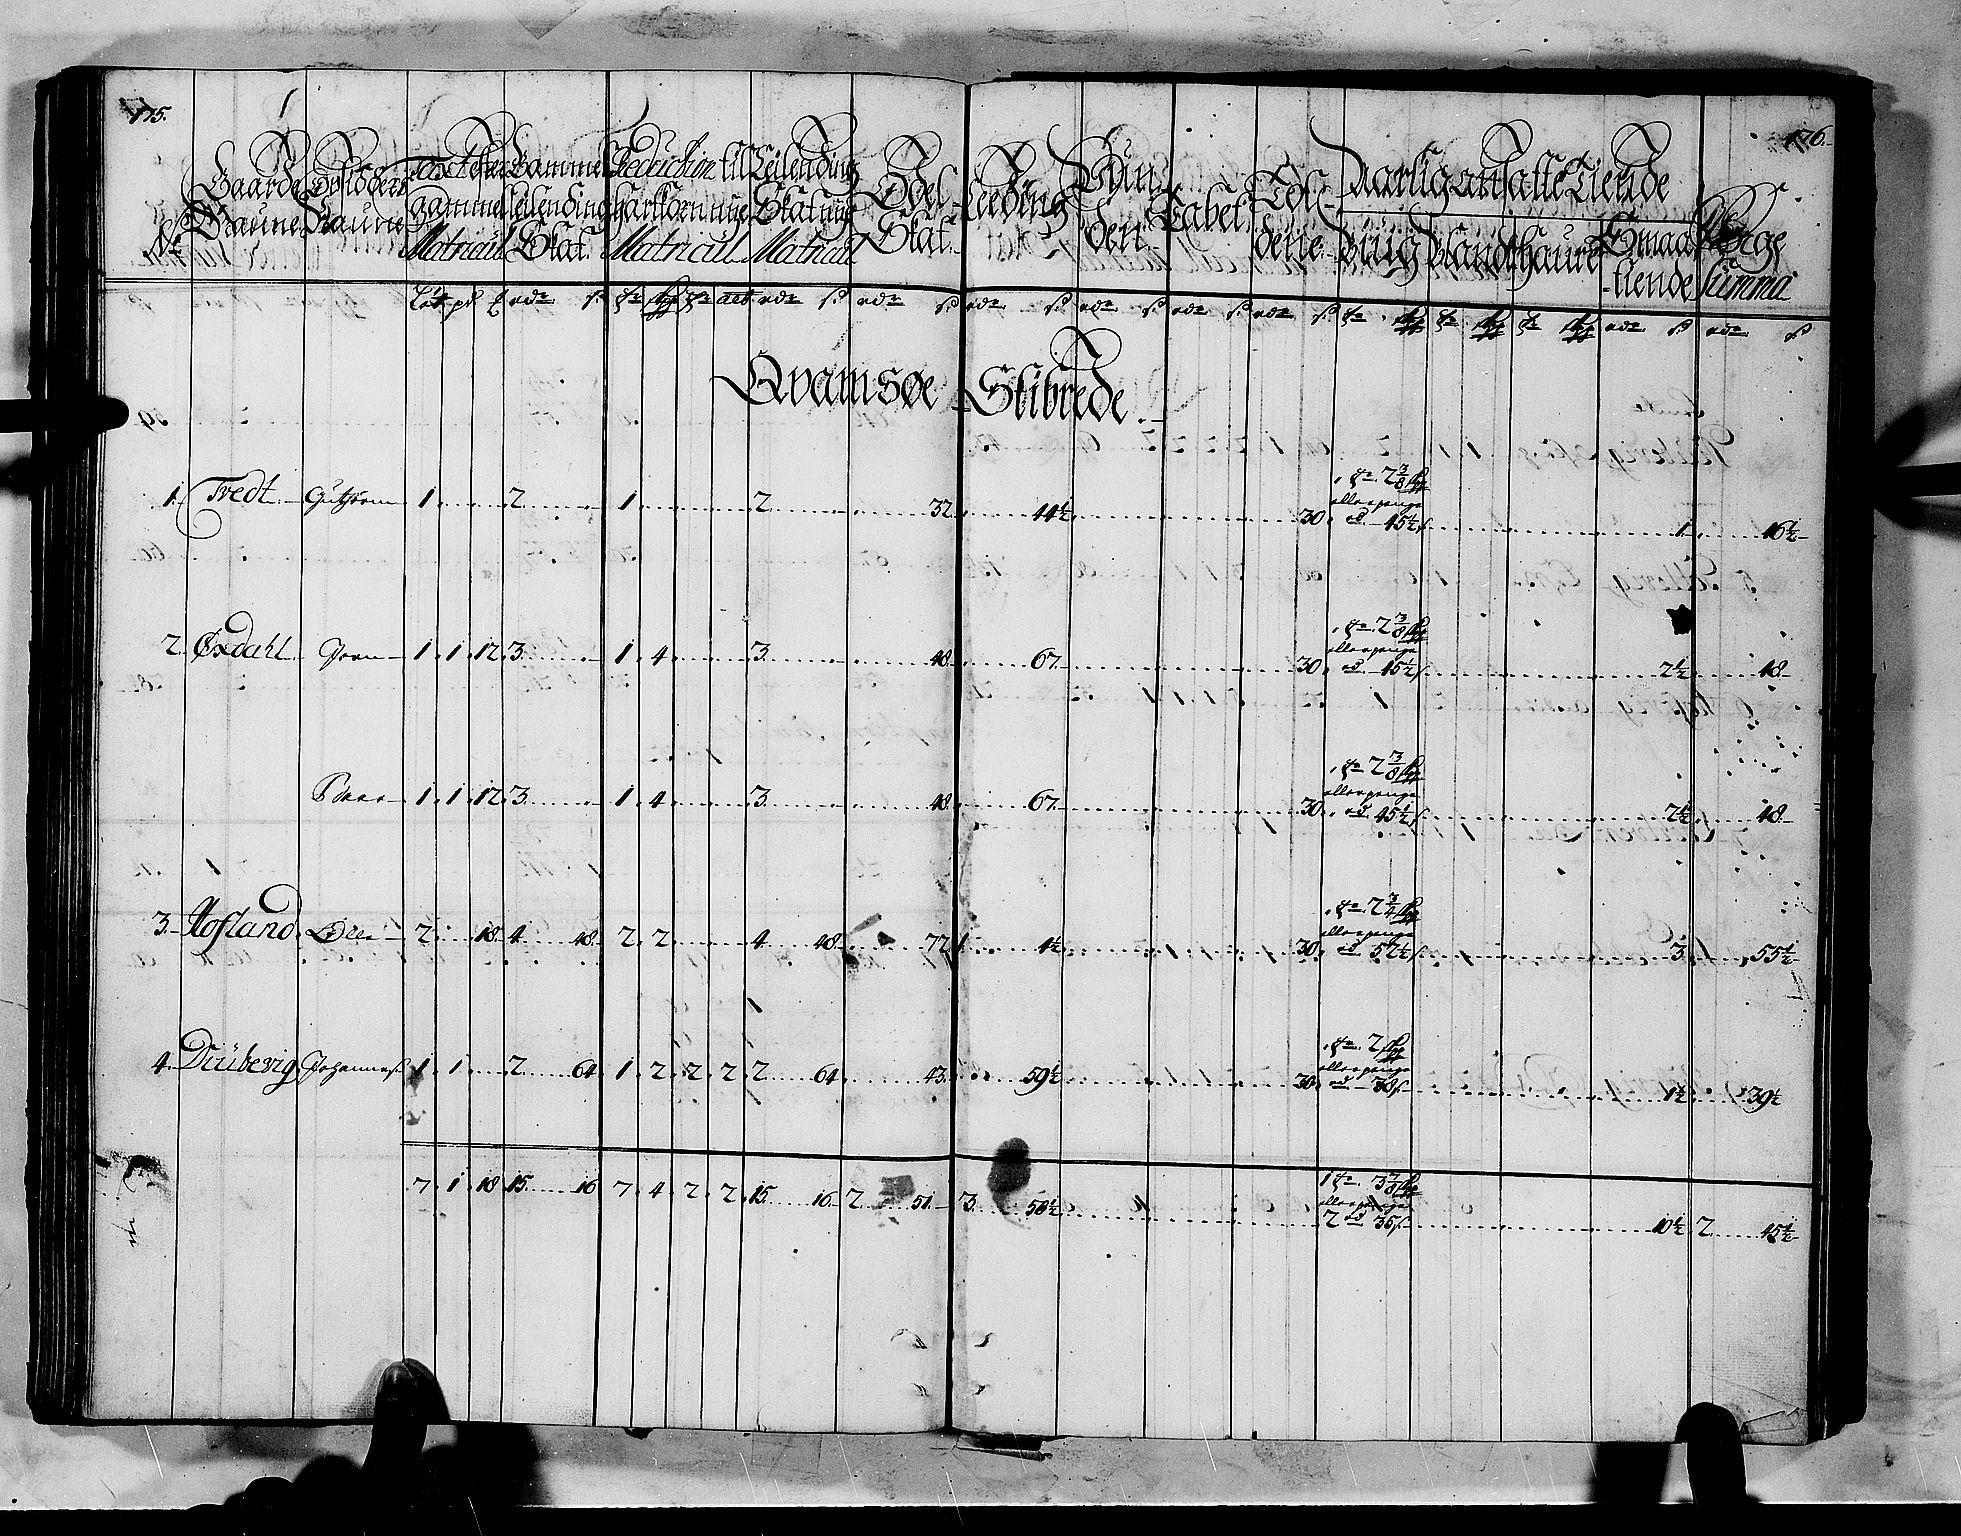 RA, Rentekammeret inntil 1814, Realistisk ordnet avdeling, N/Nb/Nbf/L0145: Ytre Sogn matrikkelprotokoll, 1723, s. 175-176